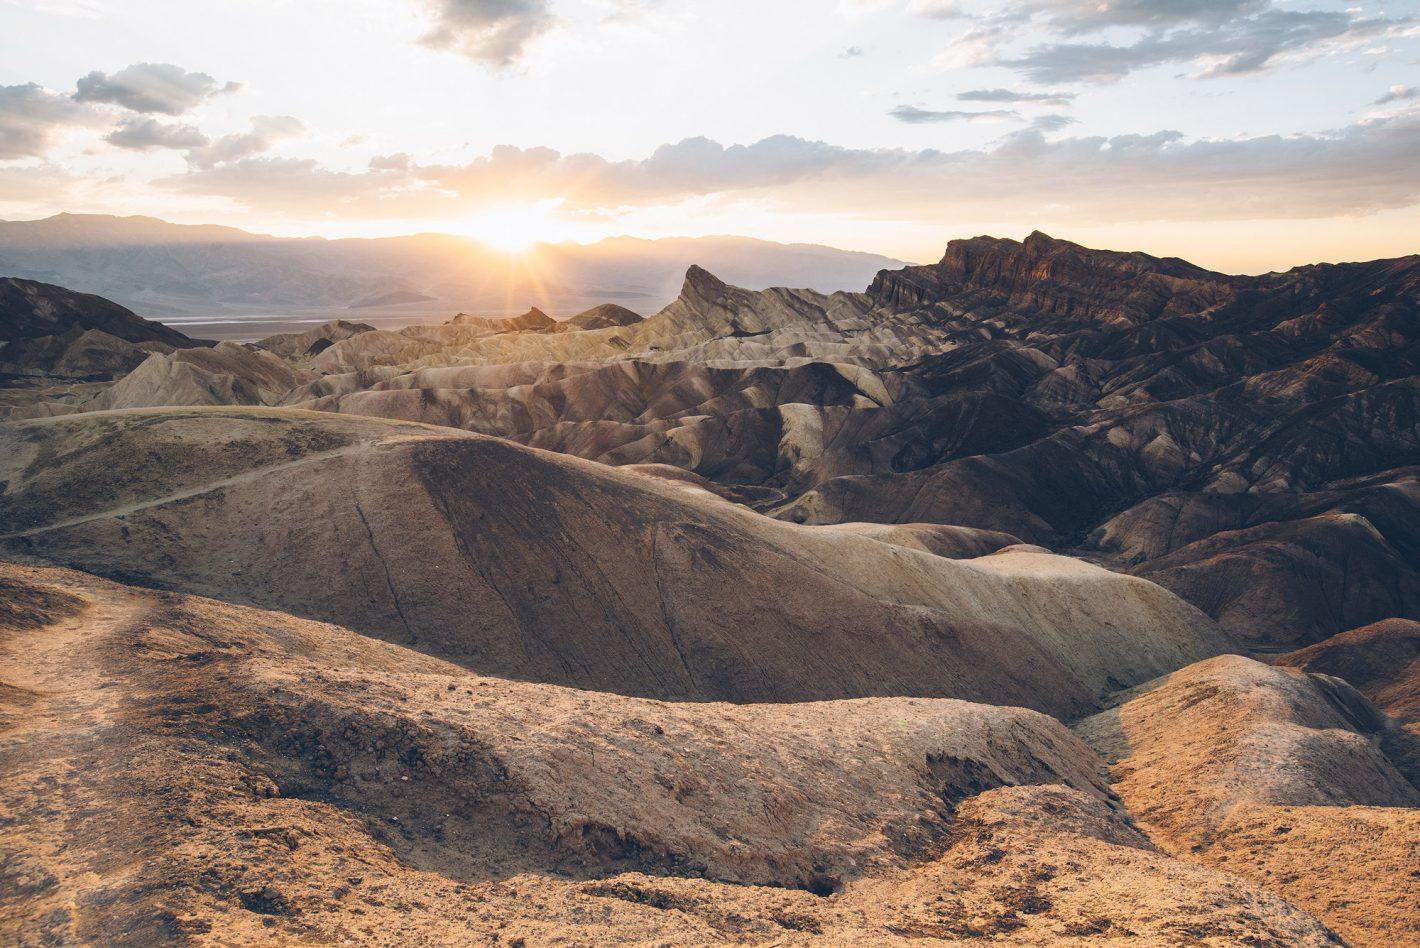 L'INSPIRATION VOYAGE DES BESTJOBERS N°2 : ÉCHAPPÉES DANS LE GRAND OUEST AMÉRICAIN - La Vallée de la Mort (Death Valley)